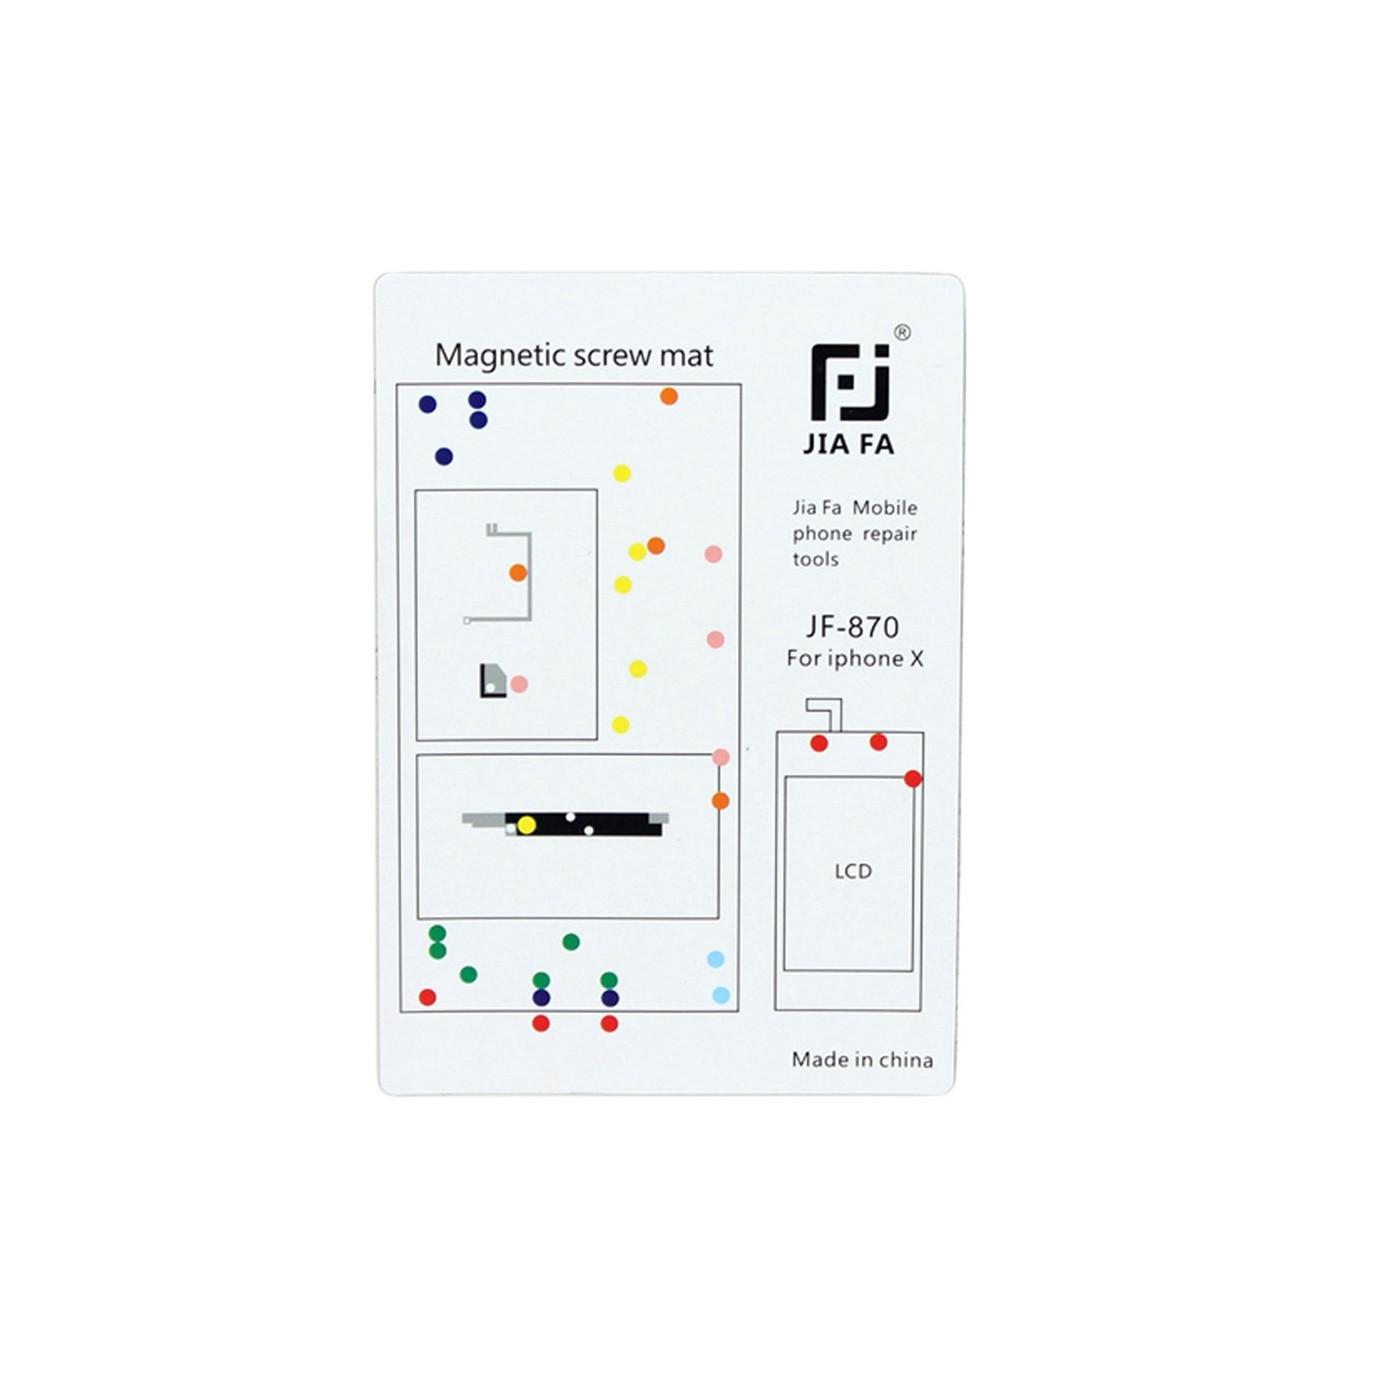 Tornillos magnéticos de mapa de alfombras reparación de herramientas de iPhone X 10 cm x 15 cm mat